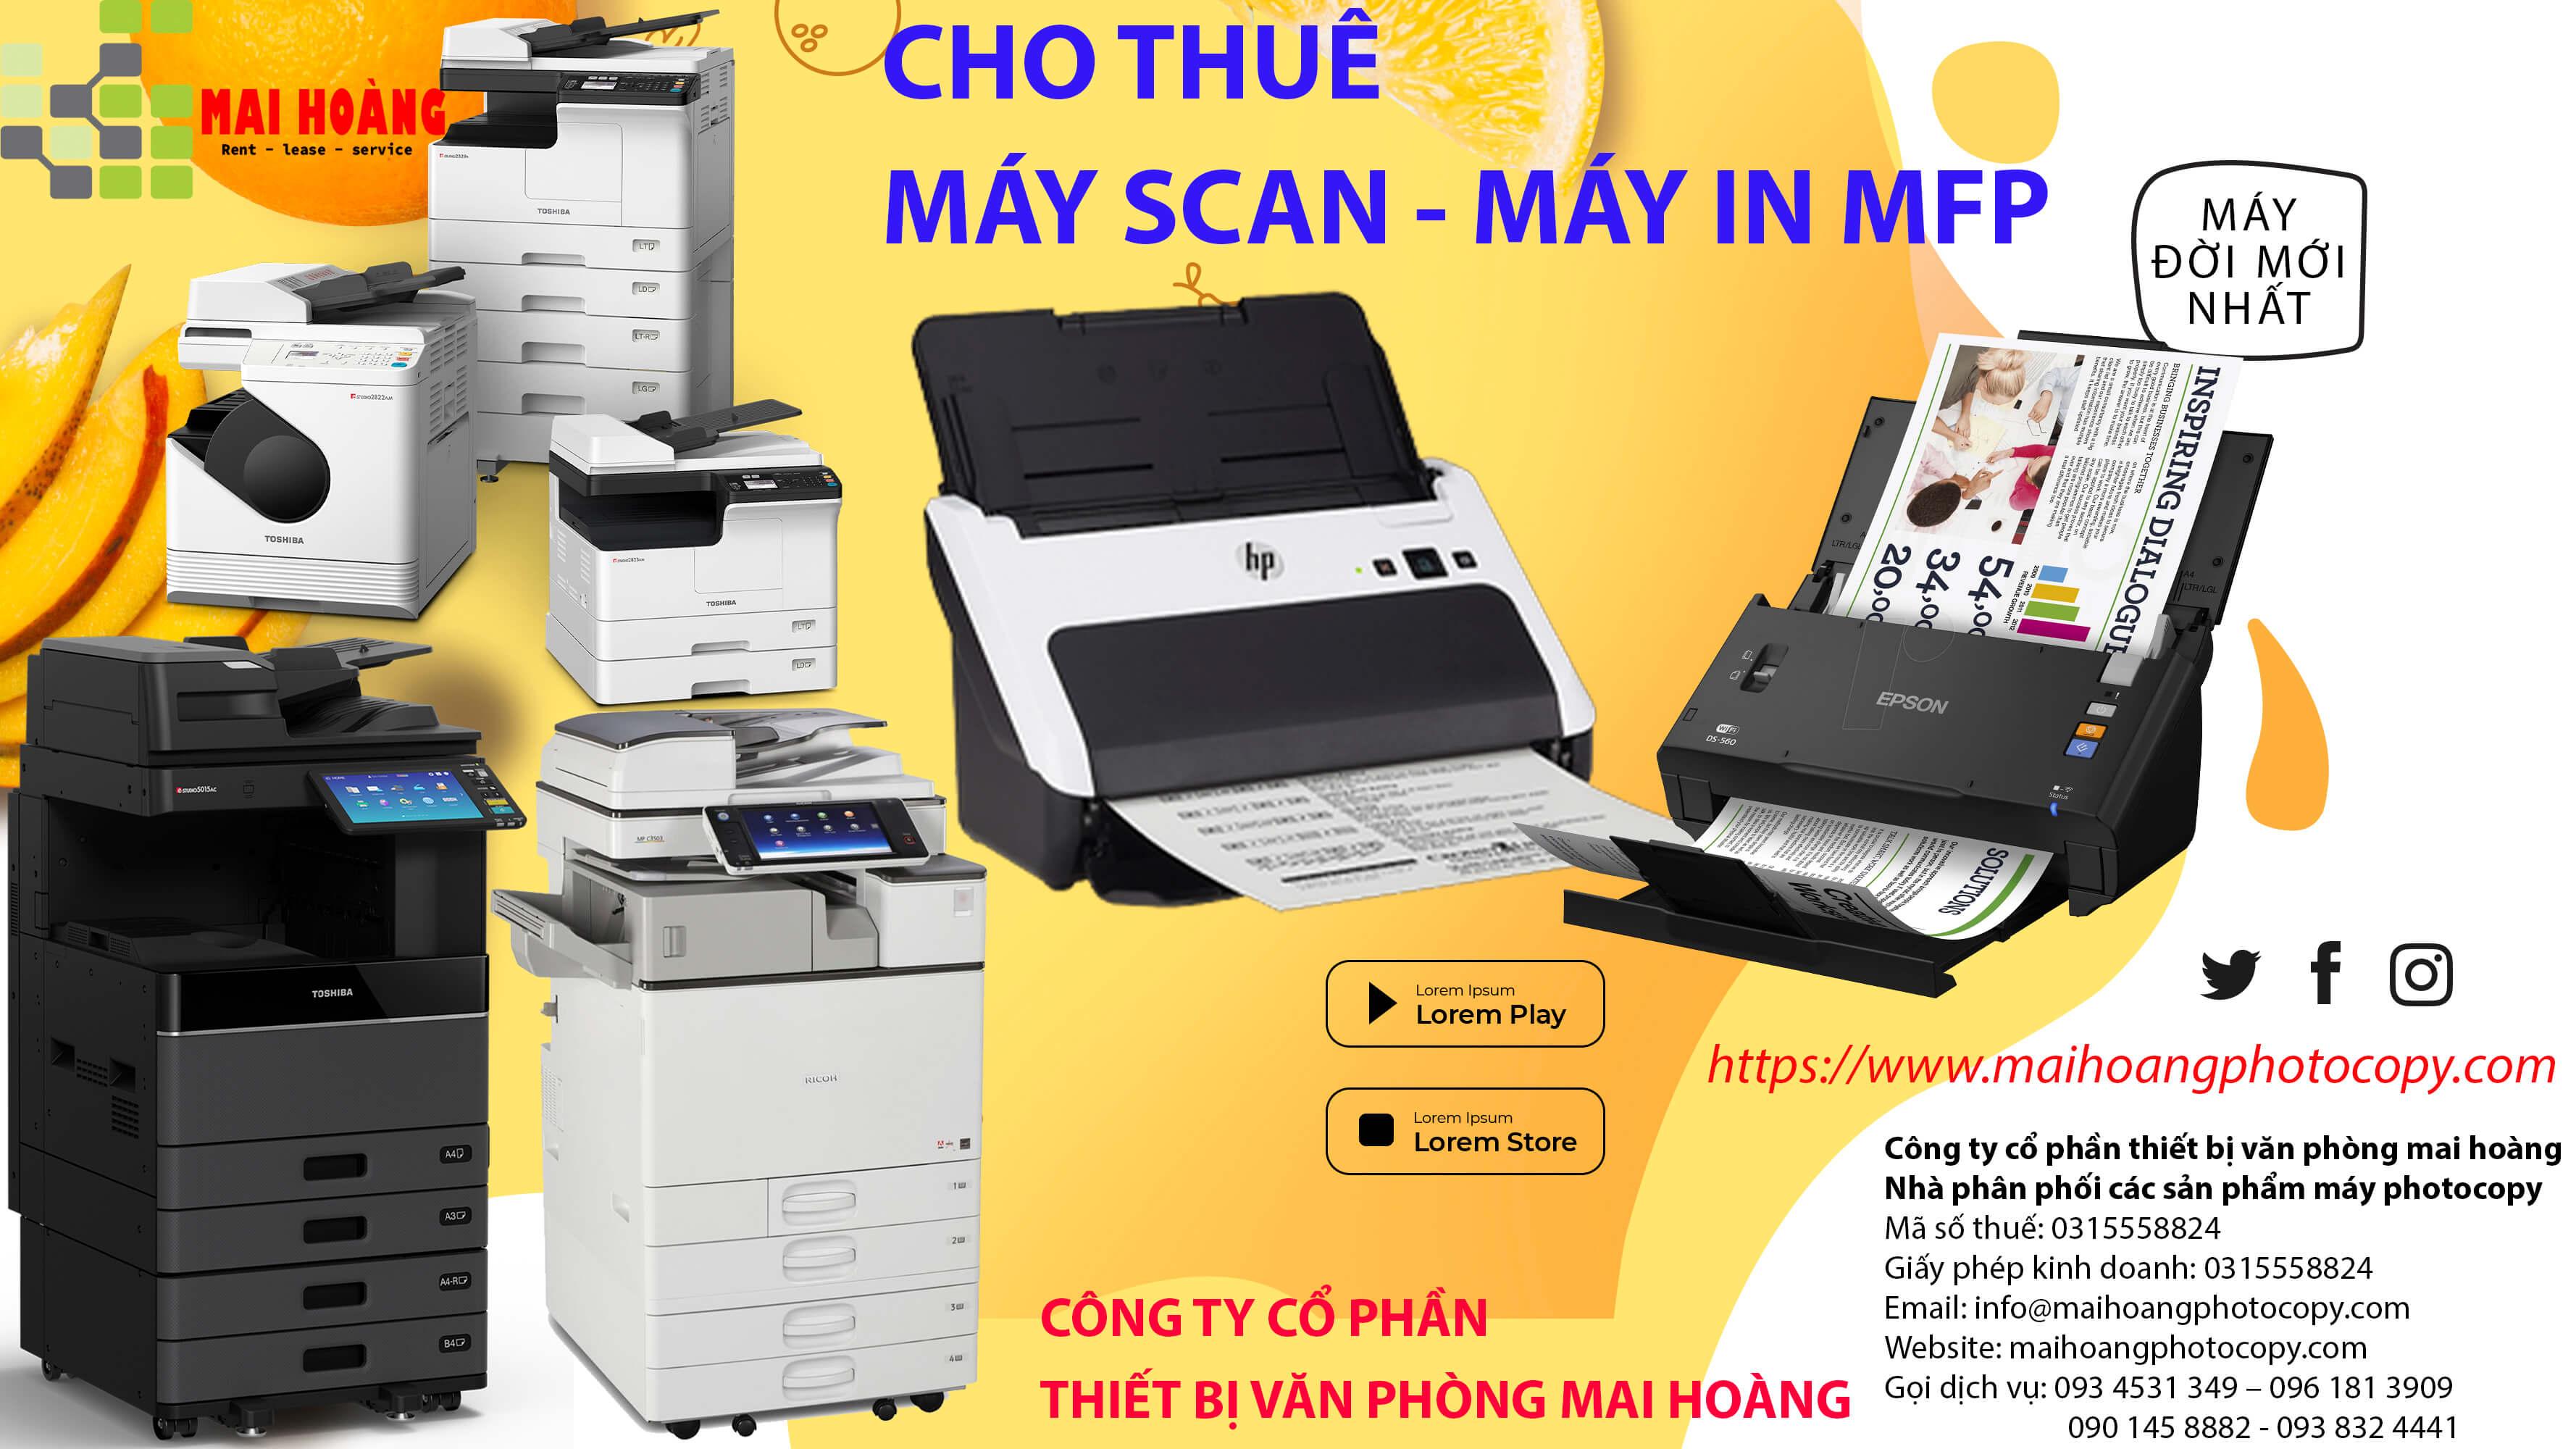 cho thuê máy in tại tây ninh - cho thuê máy photocopy tại tây ninh - cho thuê máy in A3 tại tây ninh